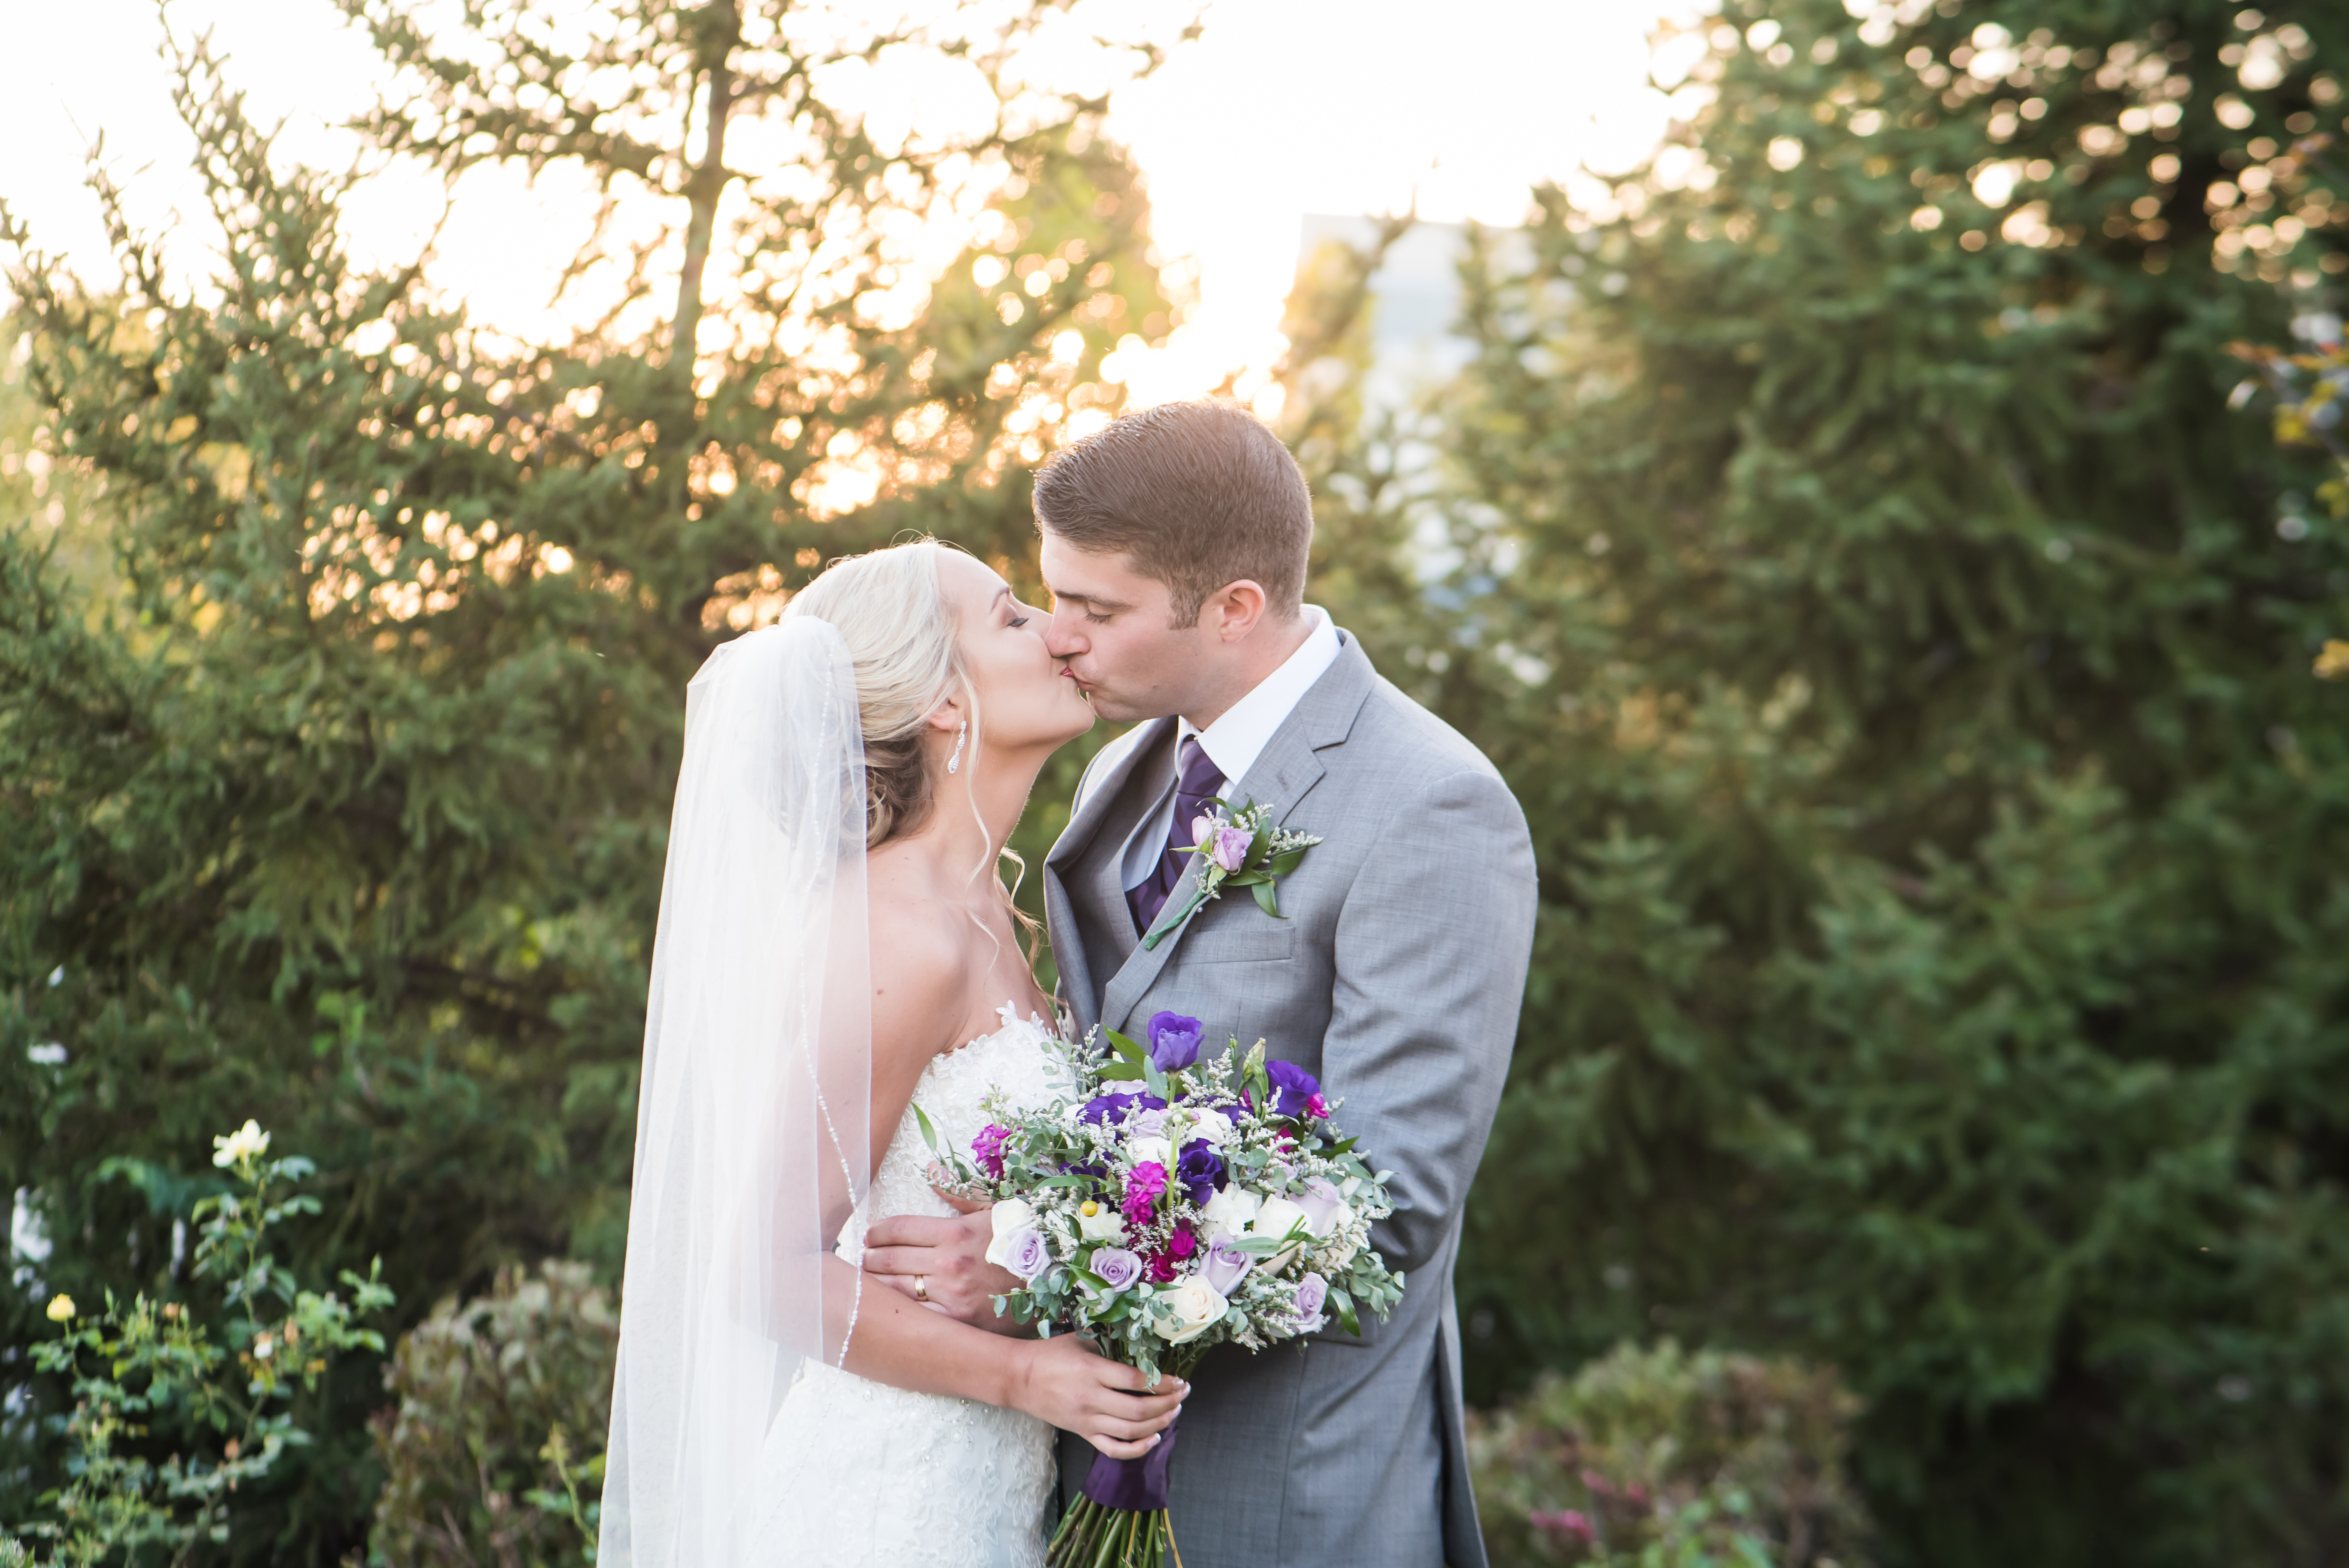 JBP Cincinnati wedding photographer